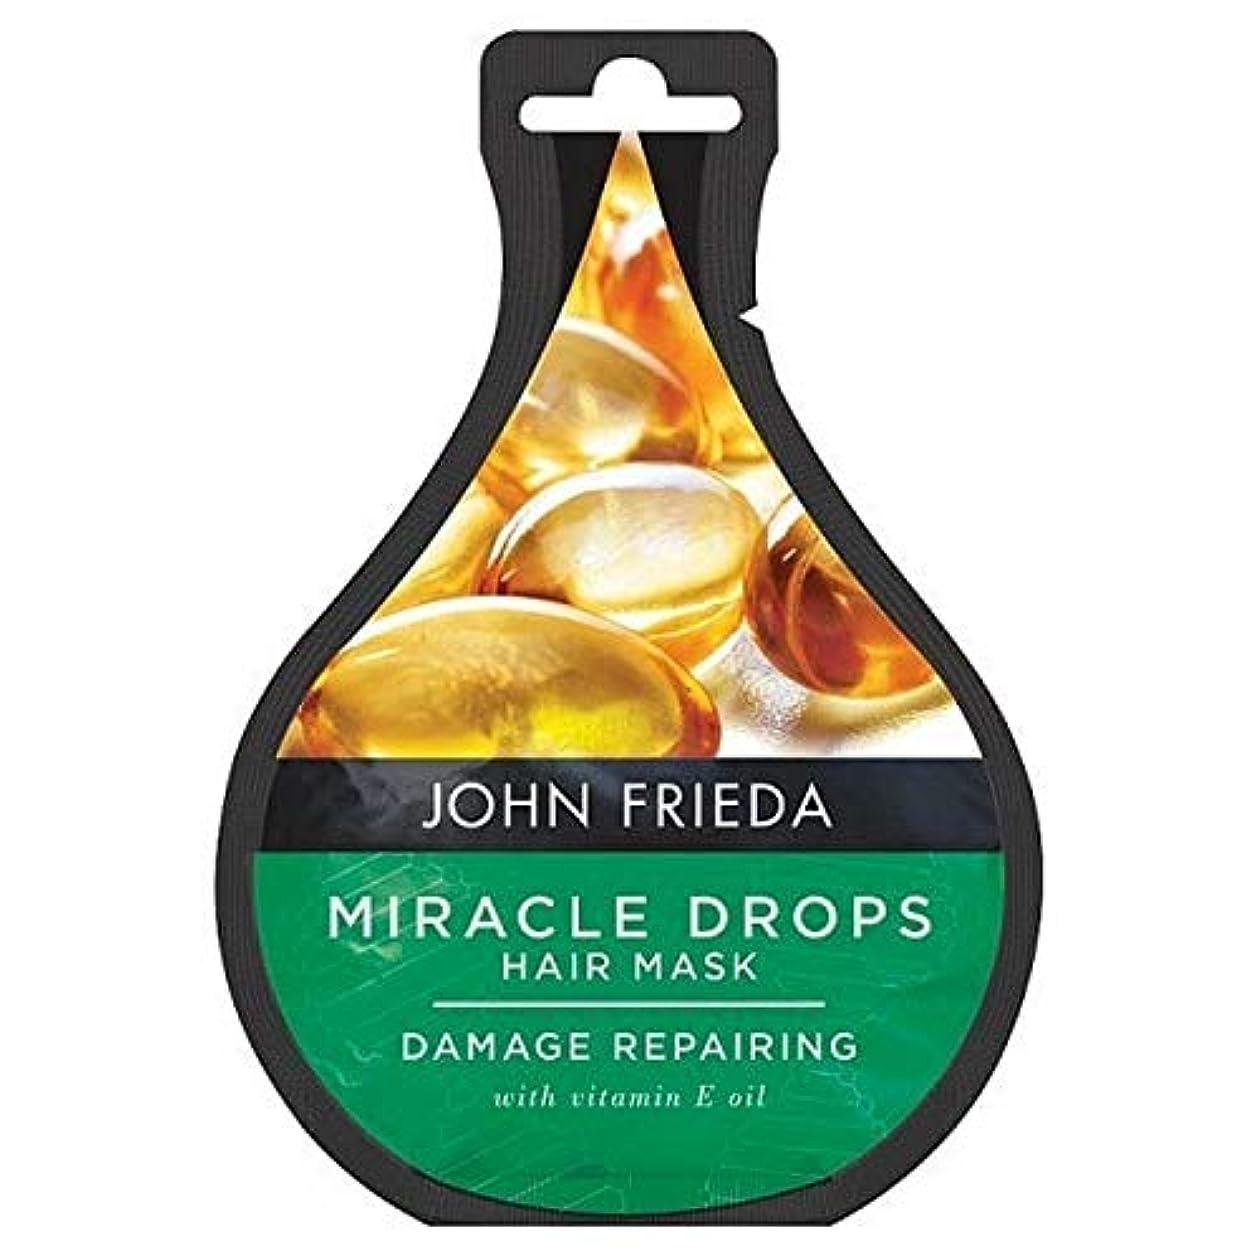 寝室を掃除する筋肉のスポーツ[John Frieda ] ジョン?フリーダ奇跡が損傷修復のために25ミリリットル低下します - John Frieda Miracle Drops for Damage Repair 25ml [並行輸入品]